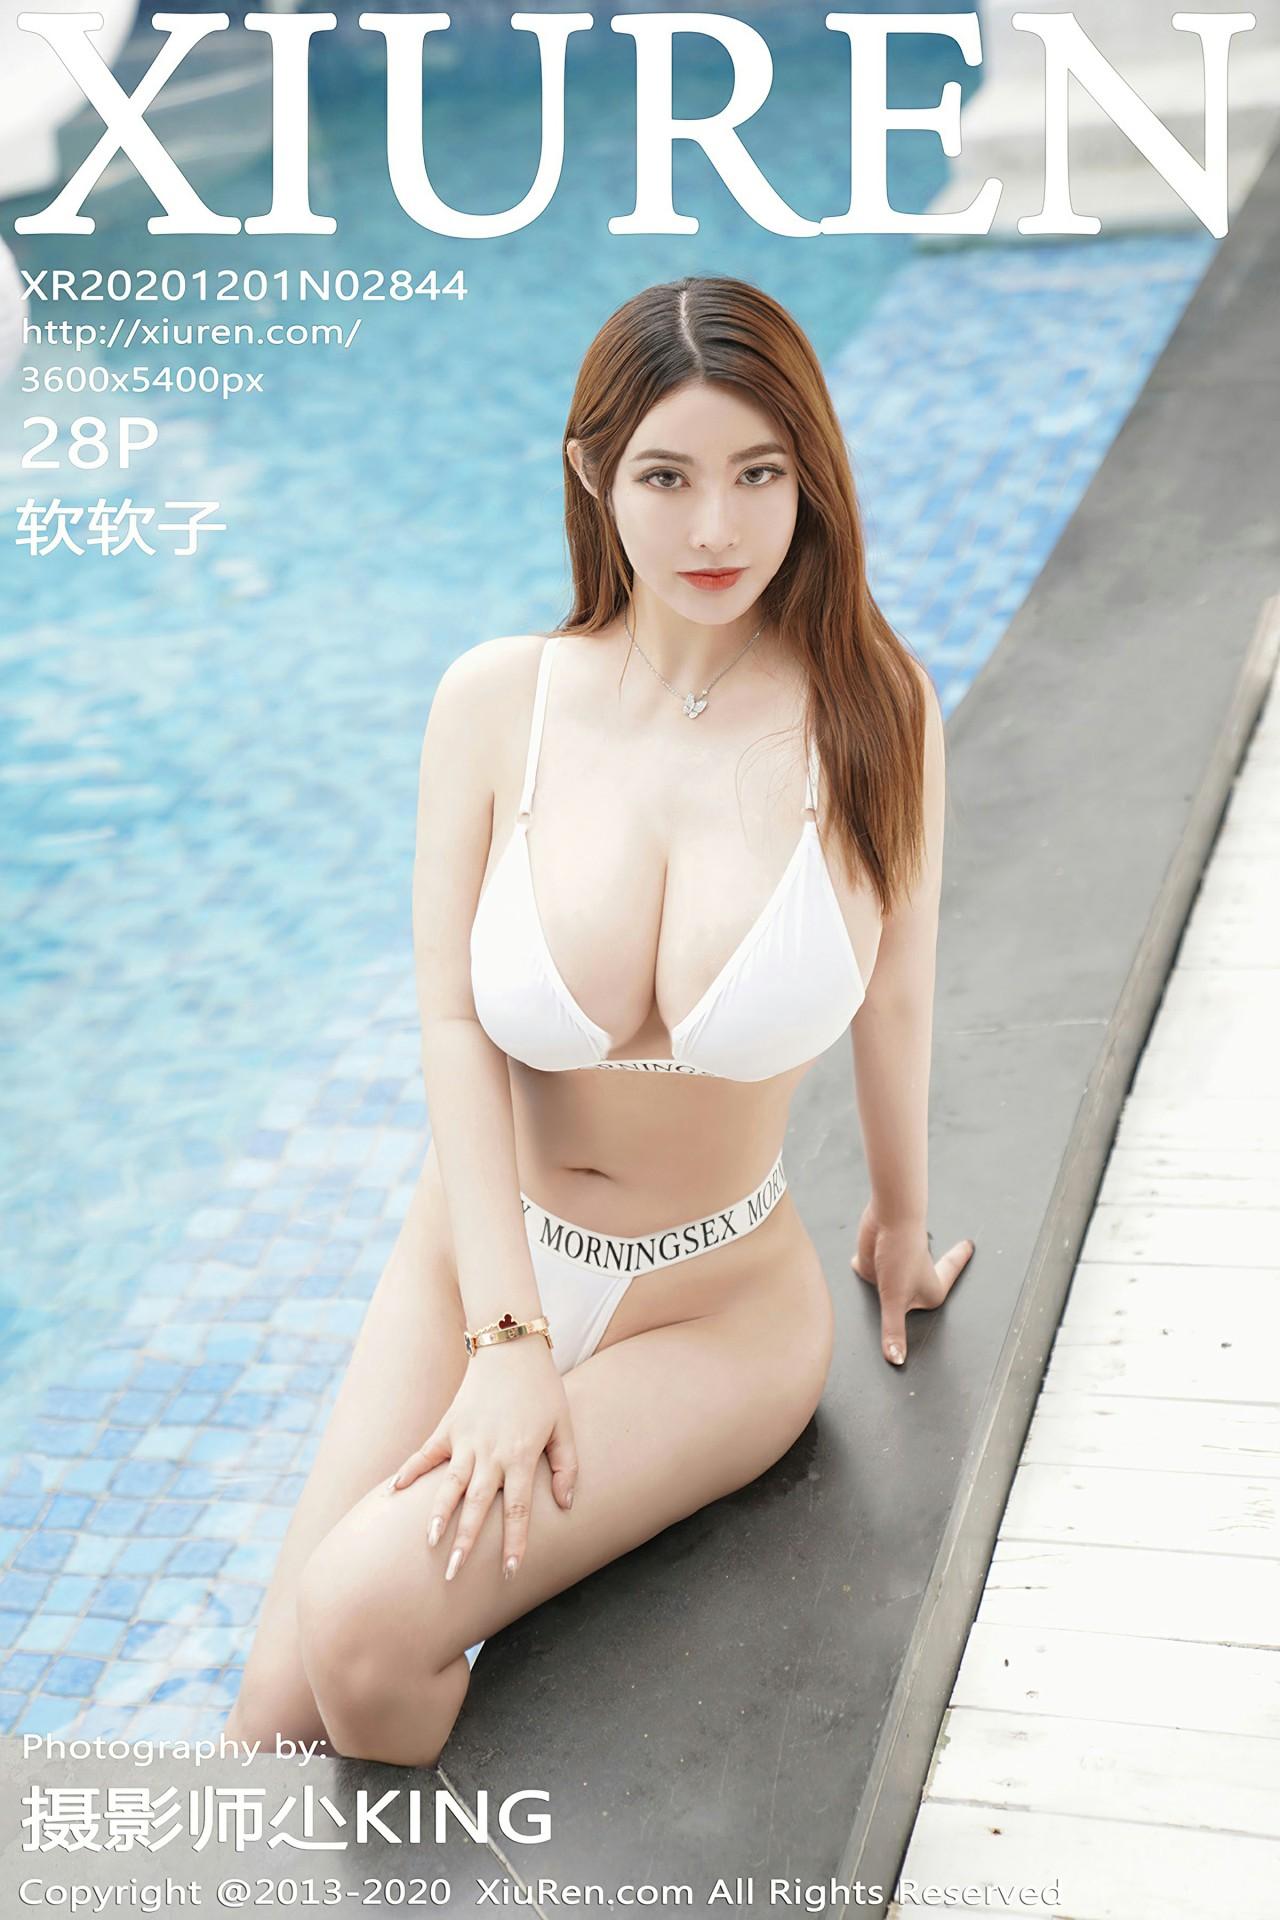 [XiuRen秀人网] 2020.12.01 No.2844 软软子 第1张